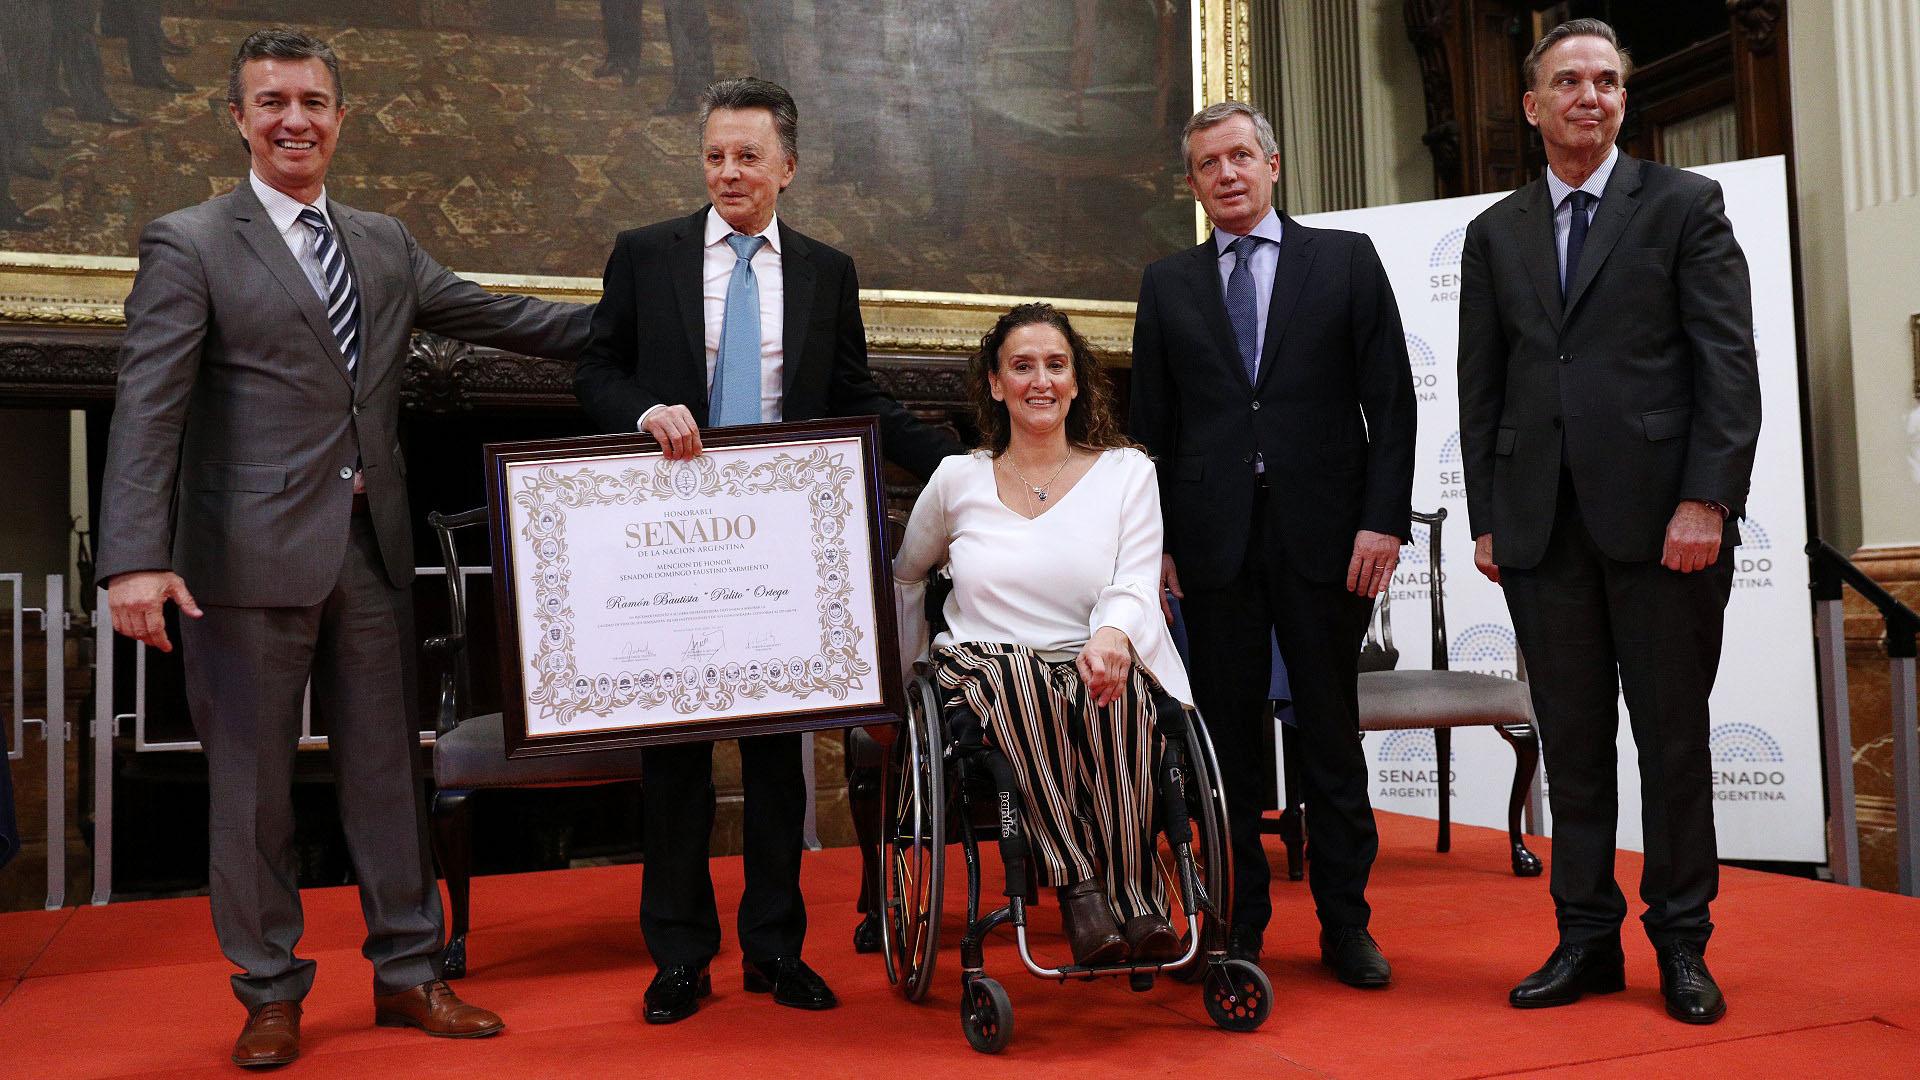 Aguilar, la vicepresidente Gabriela Michetti, el presidente de la Cámara de Diputados, Emilio Monzó, y Pichetto, tras entregarle el diploma a Palito